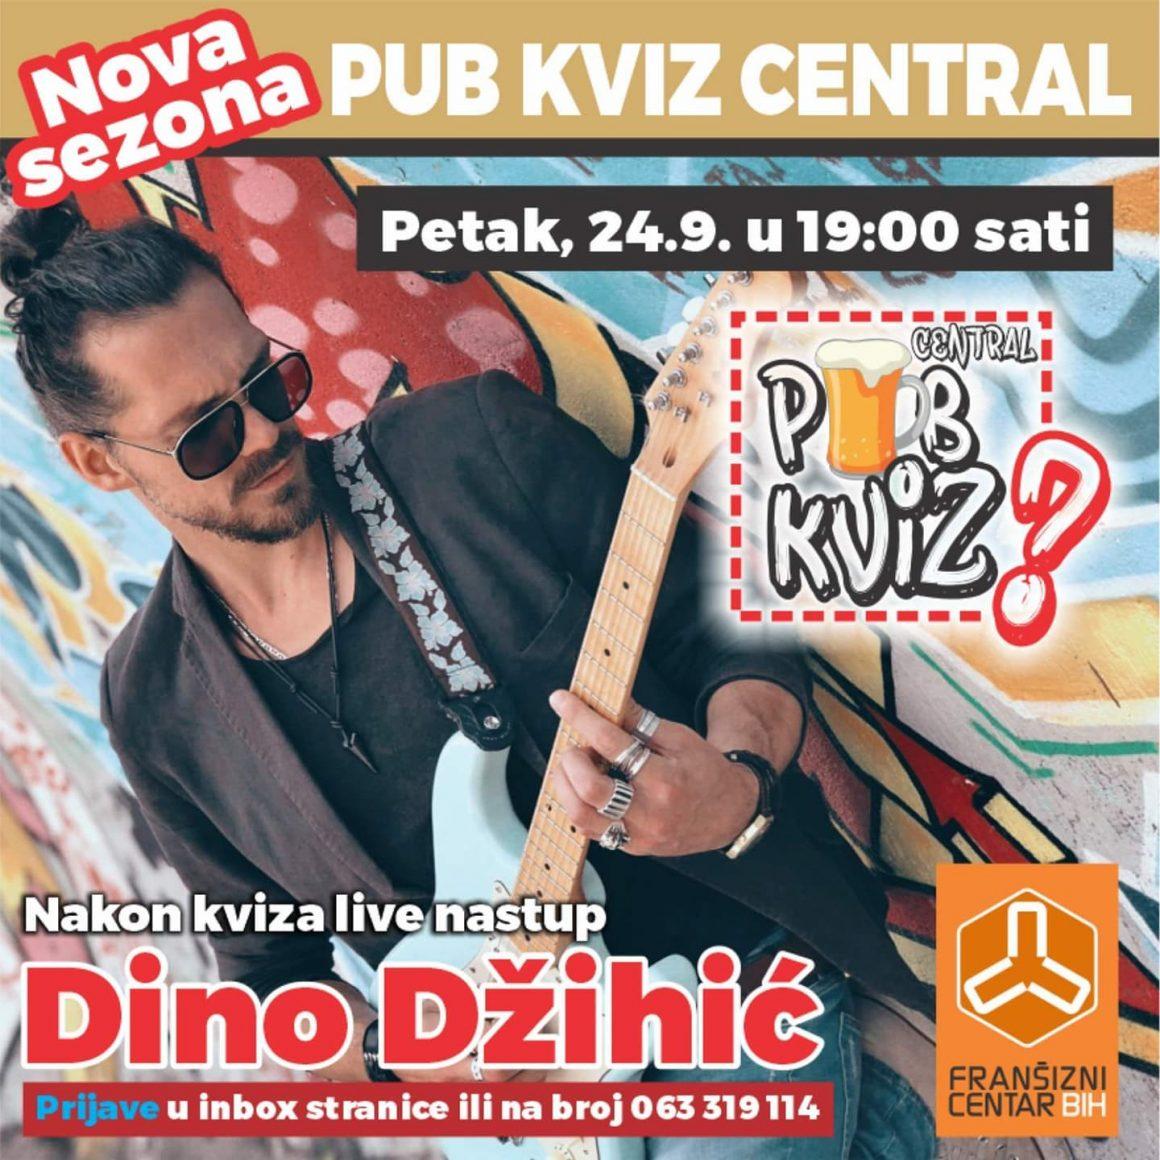 PUB Kviz Central